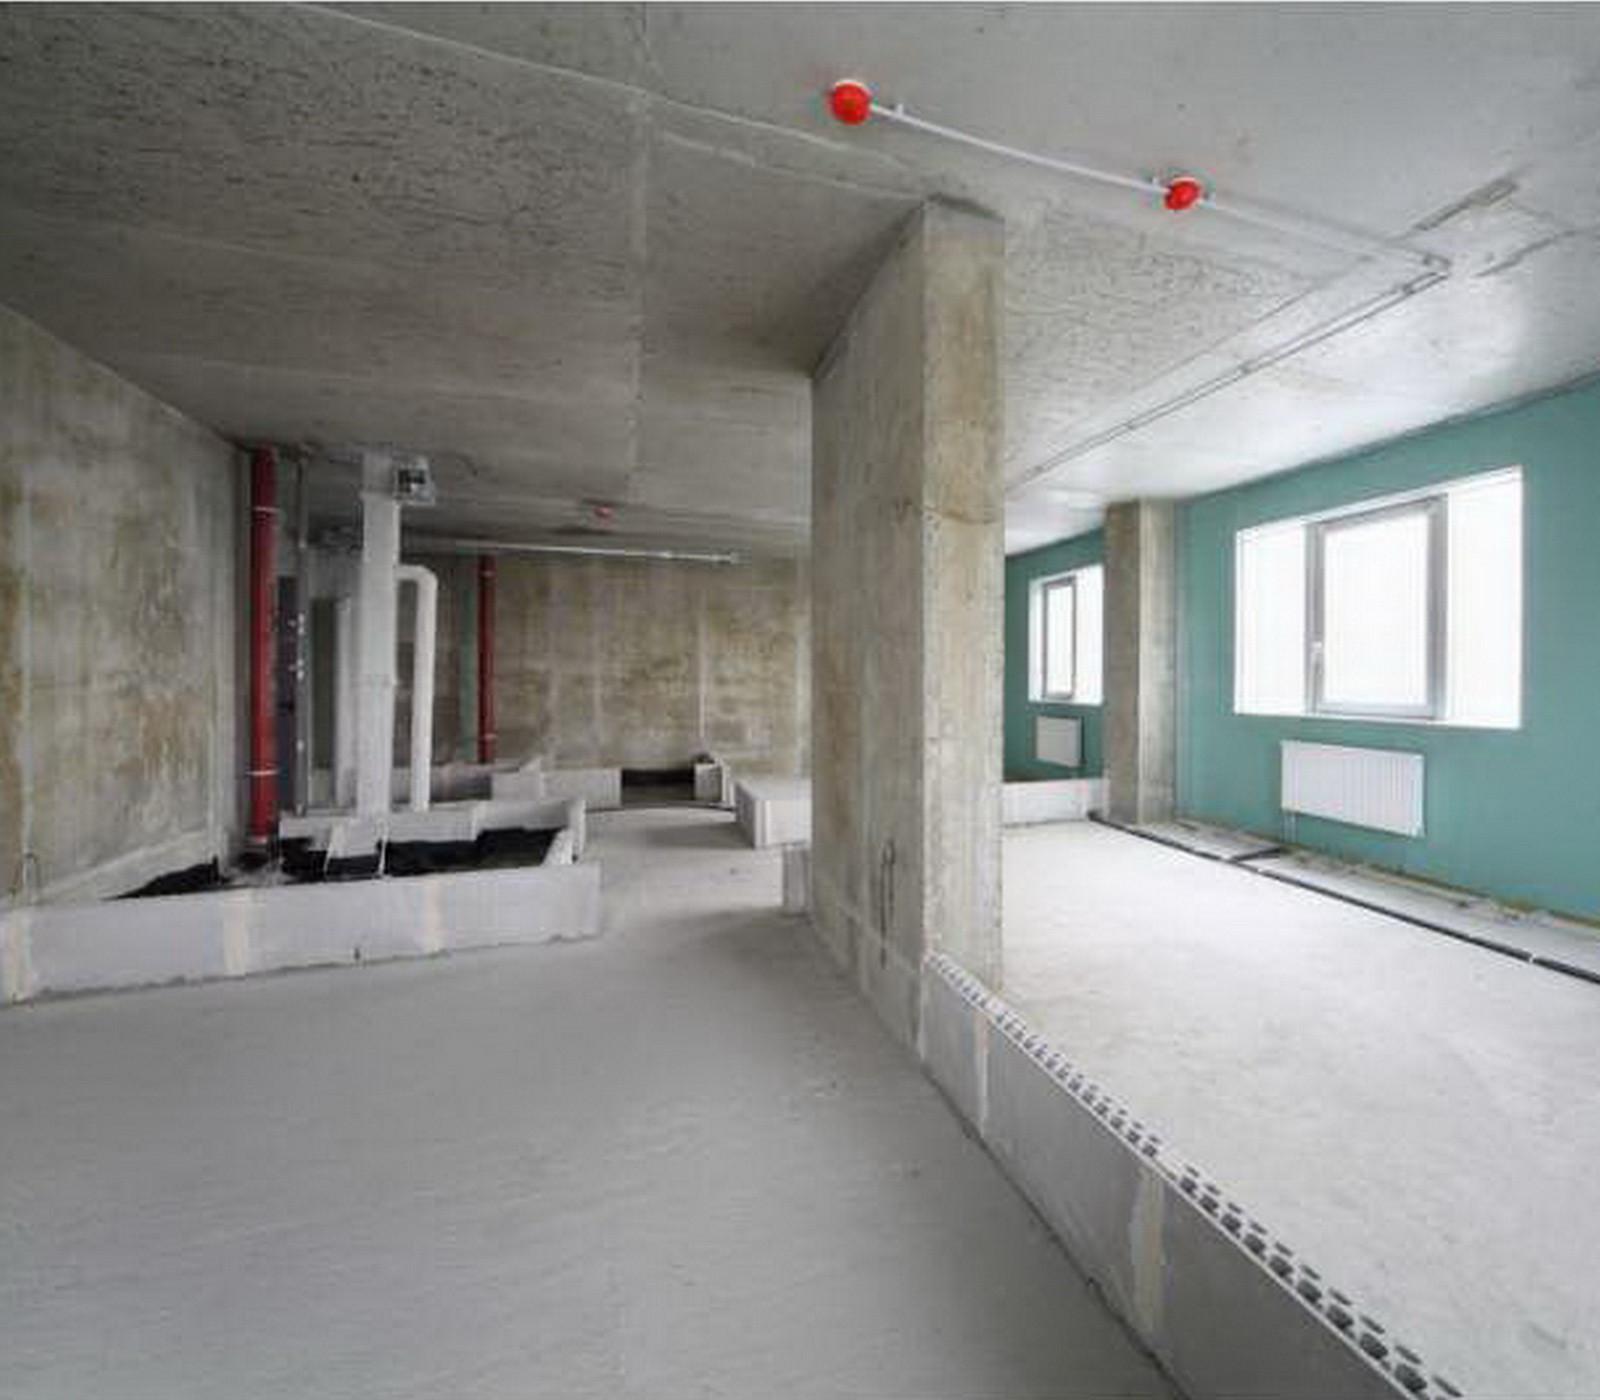 Однокомнатная квартира в Хамовниках – проект и ремонт